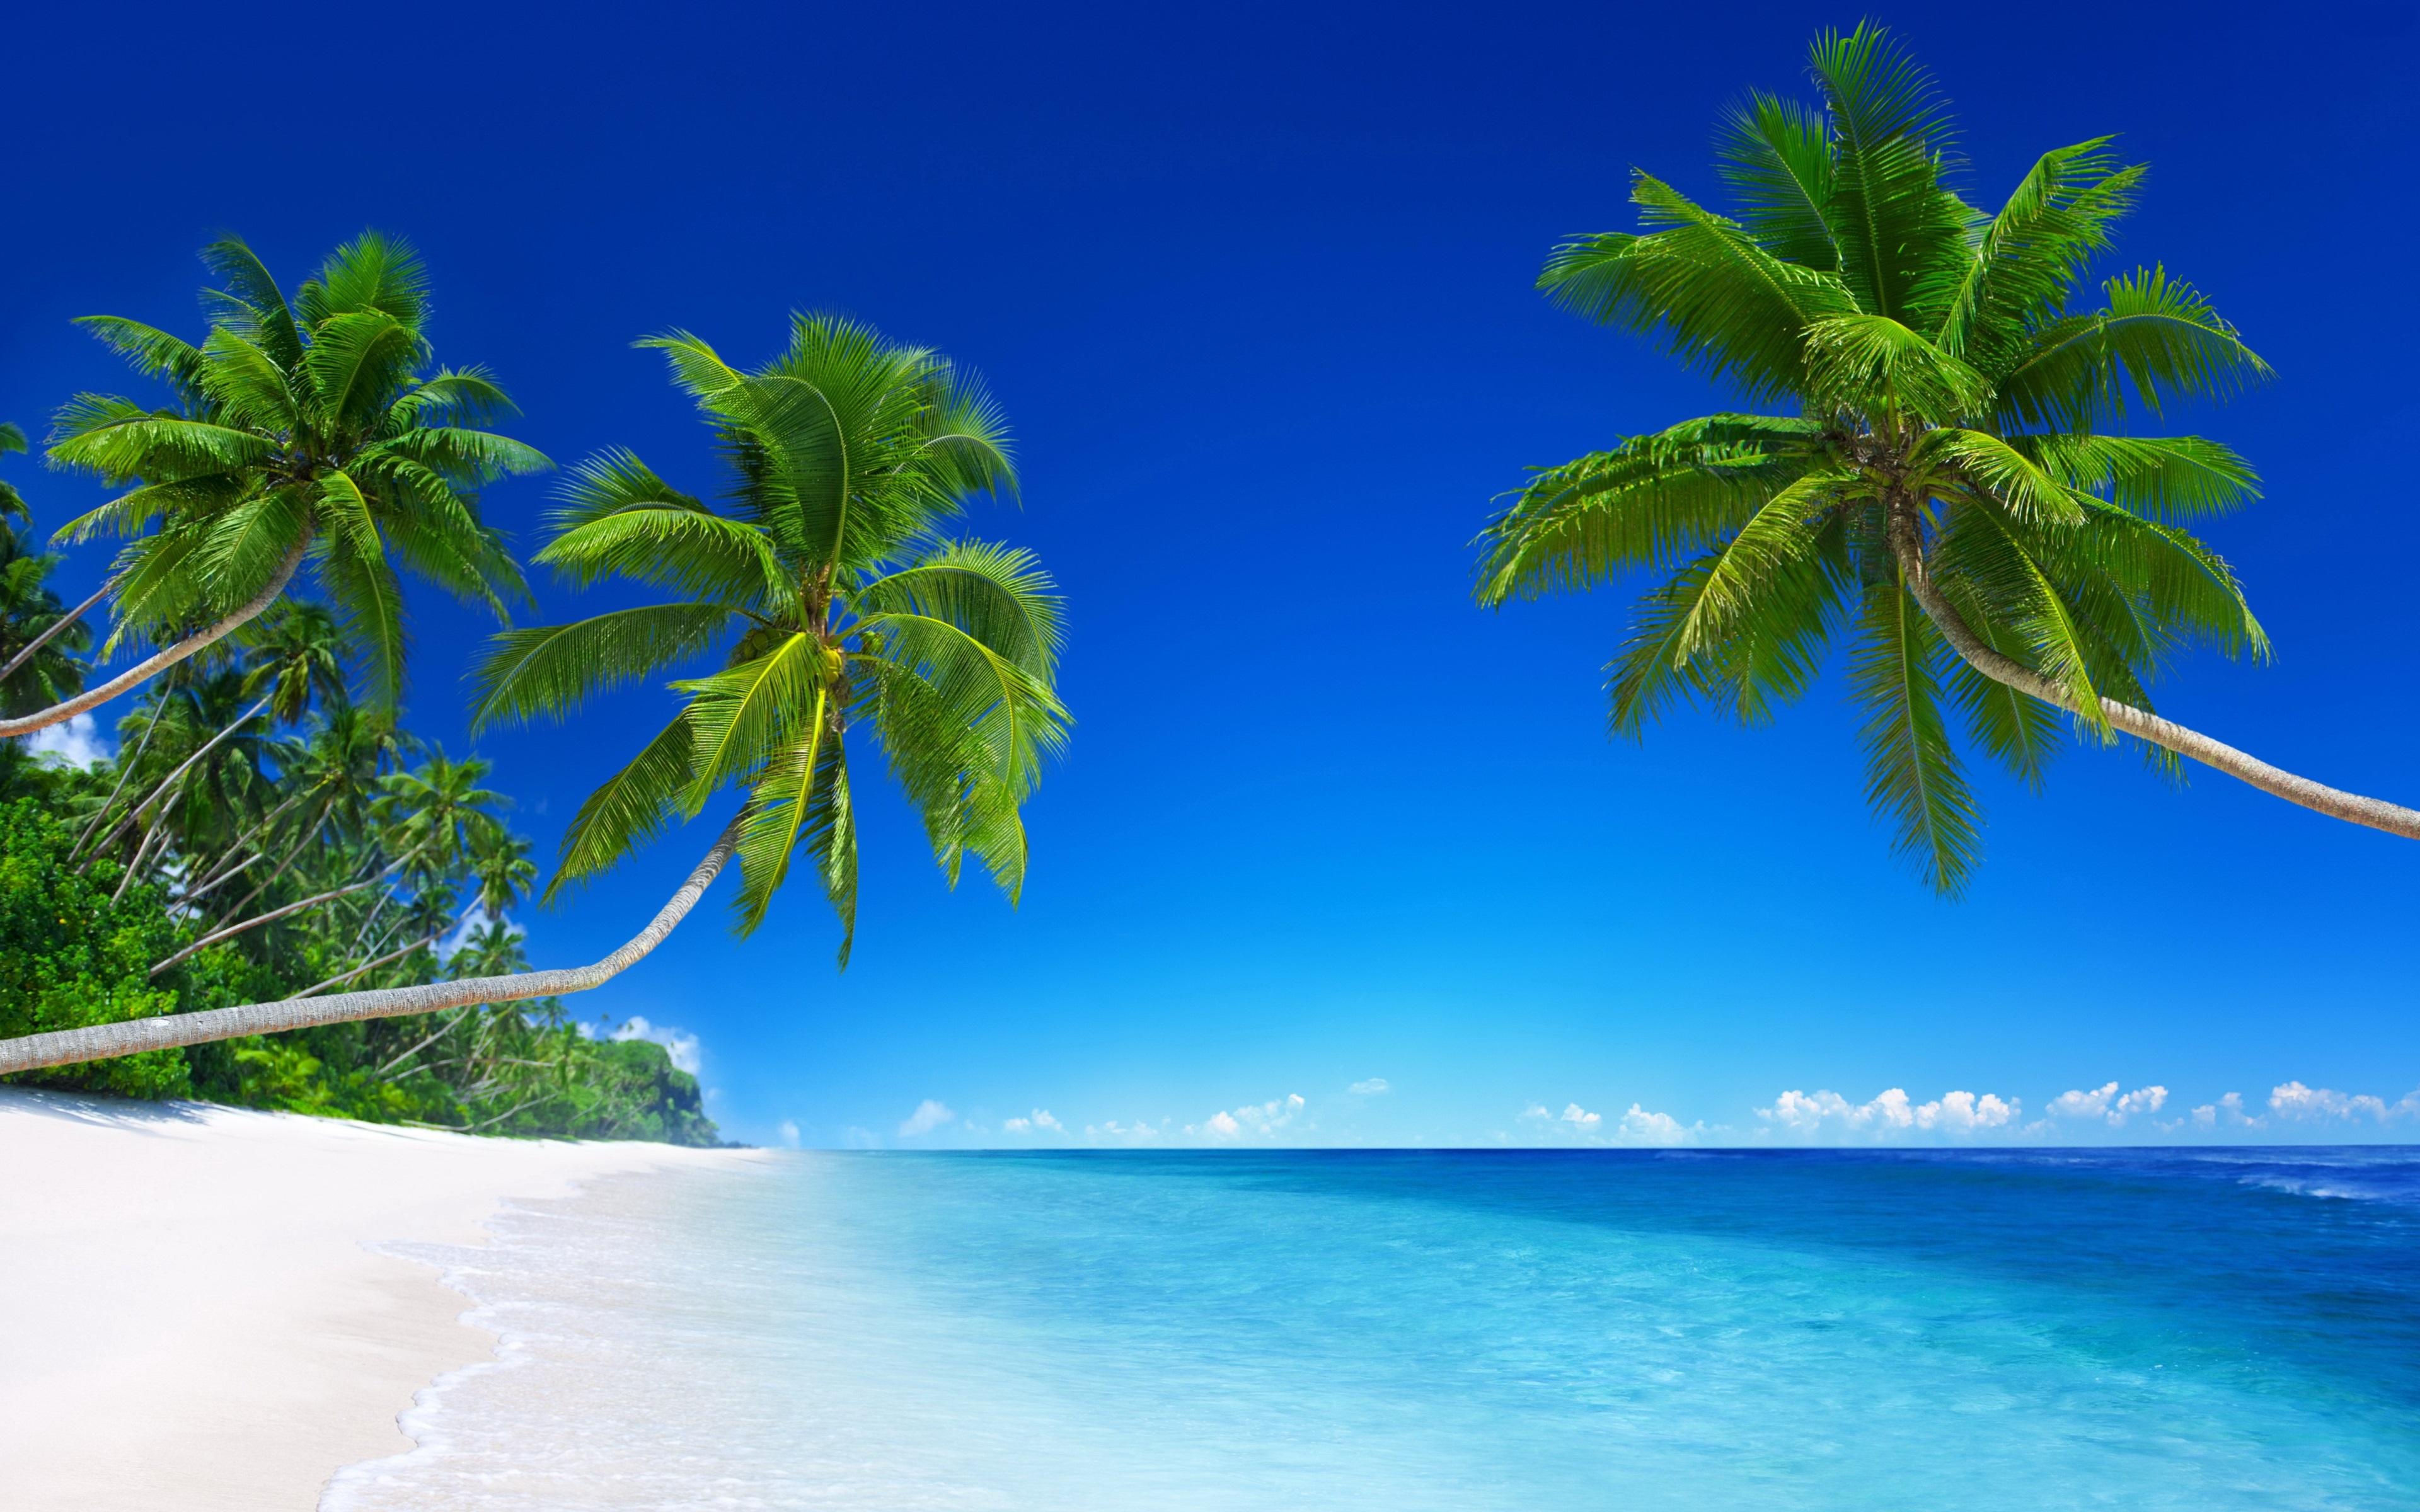 Ảnh nền desktop biển xanh